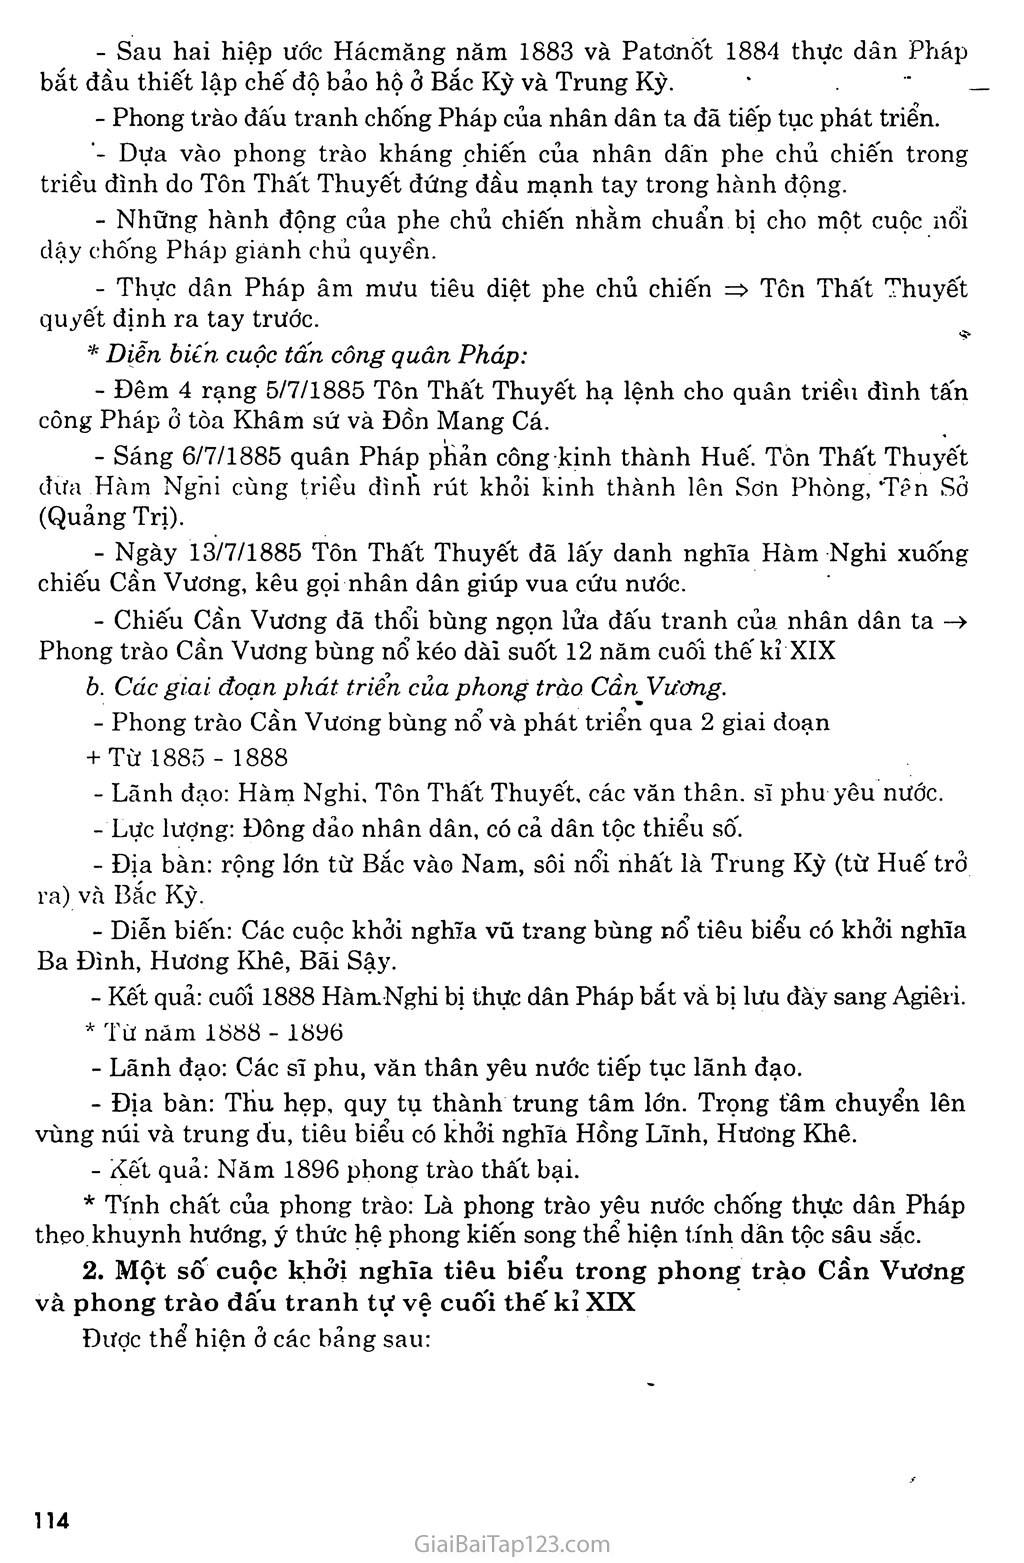 Bài 21: Phong trào yêu nước, chống thực dân Pháp của nhân dân Việt Nam trong những năm cuối thế XIX trang 2